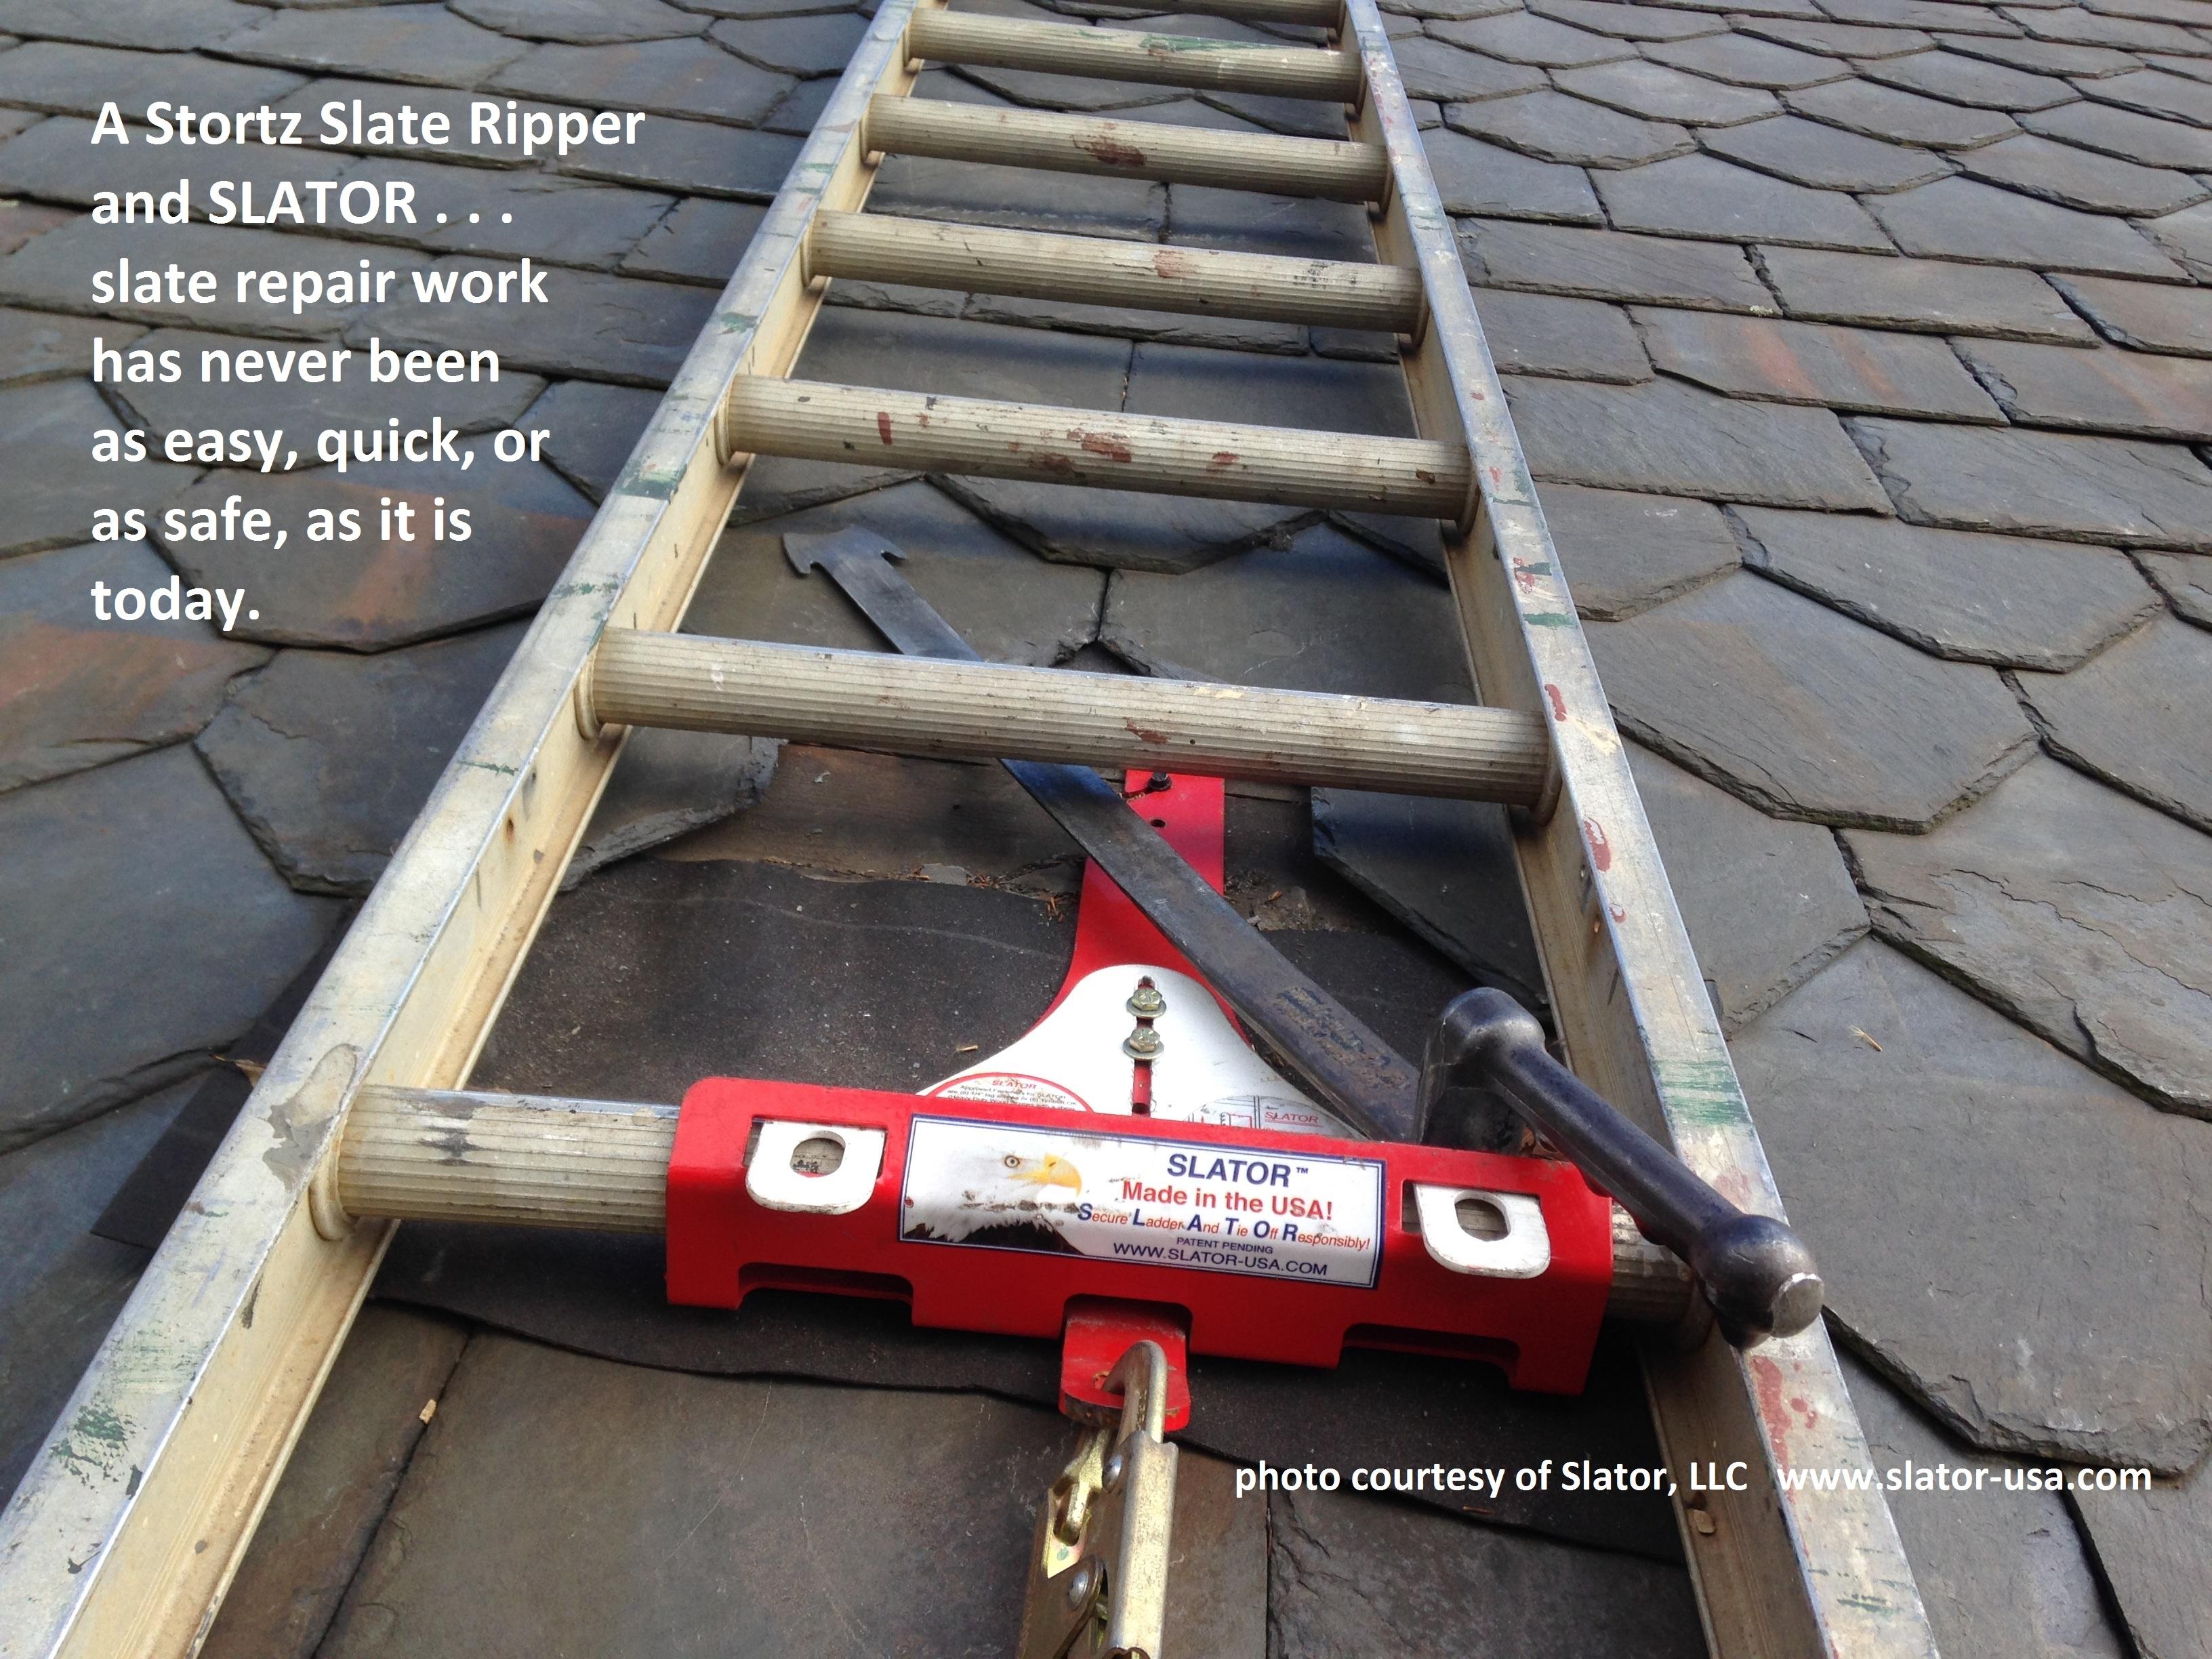 Slator Ladder Clamp Osha Compliant Stortz Amp Son